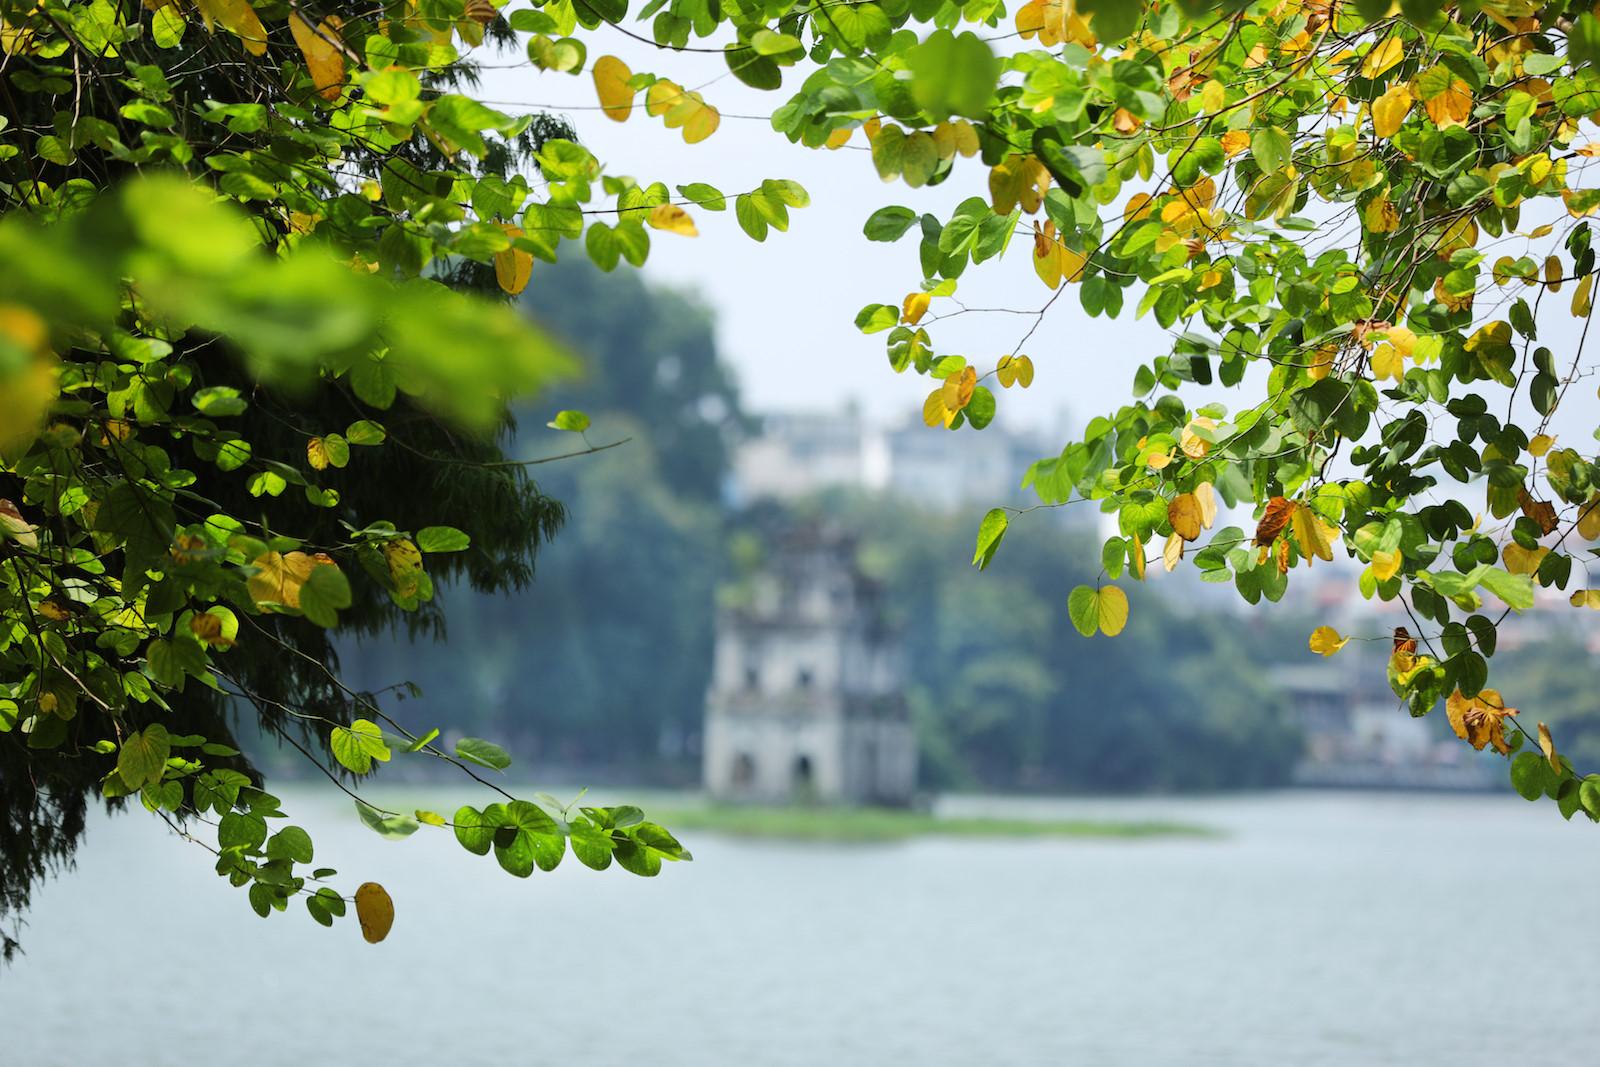 Những khoảnh khắc mùa thu Hà Nội - Trần Quí Thanh